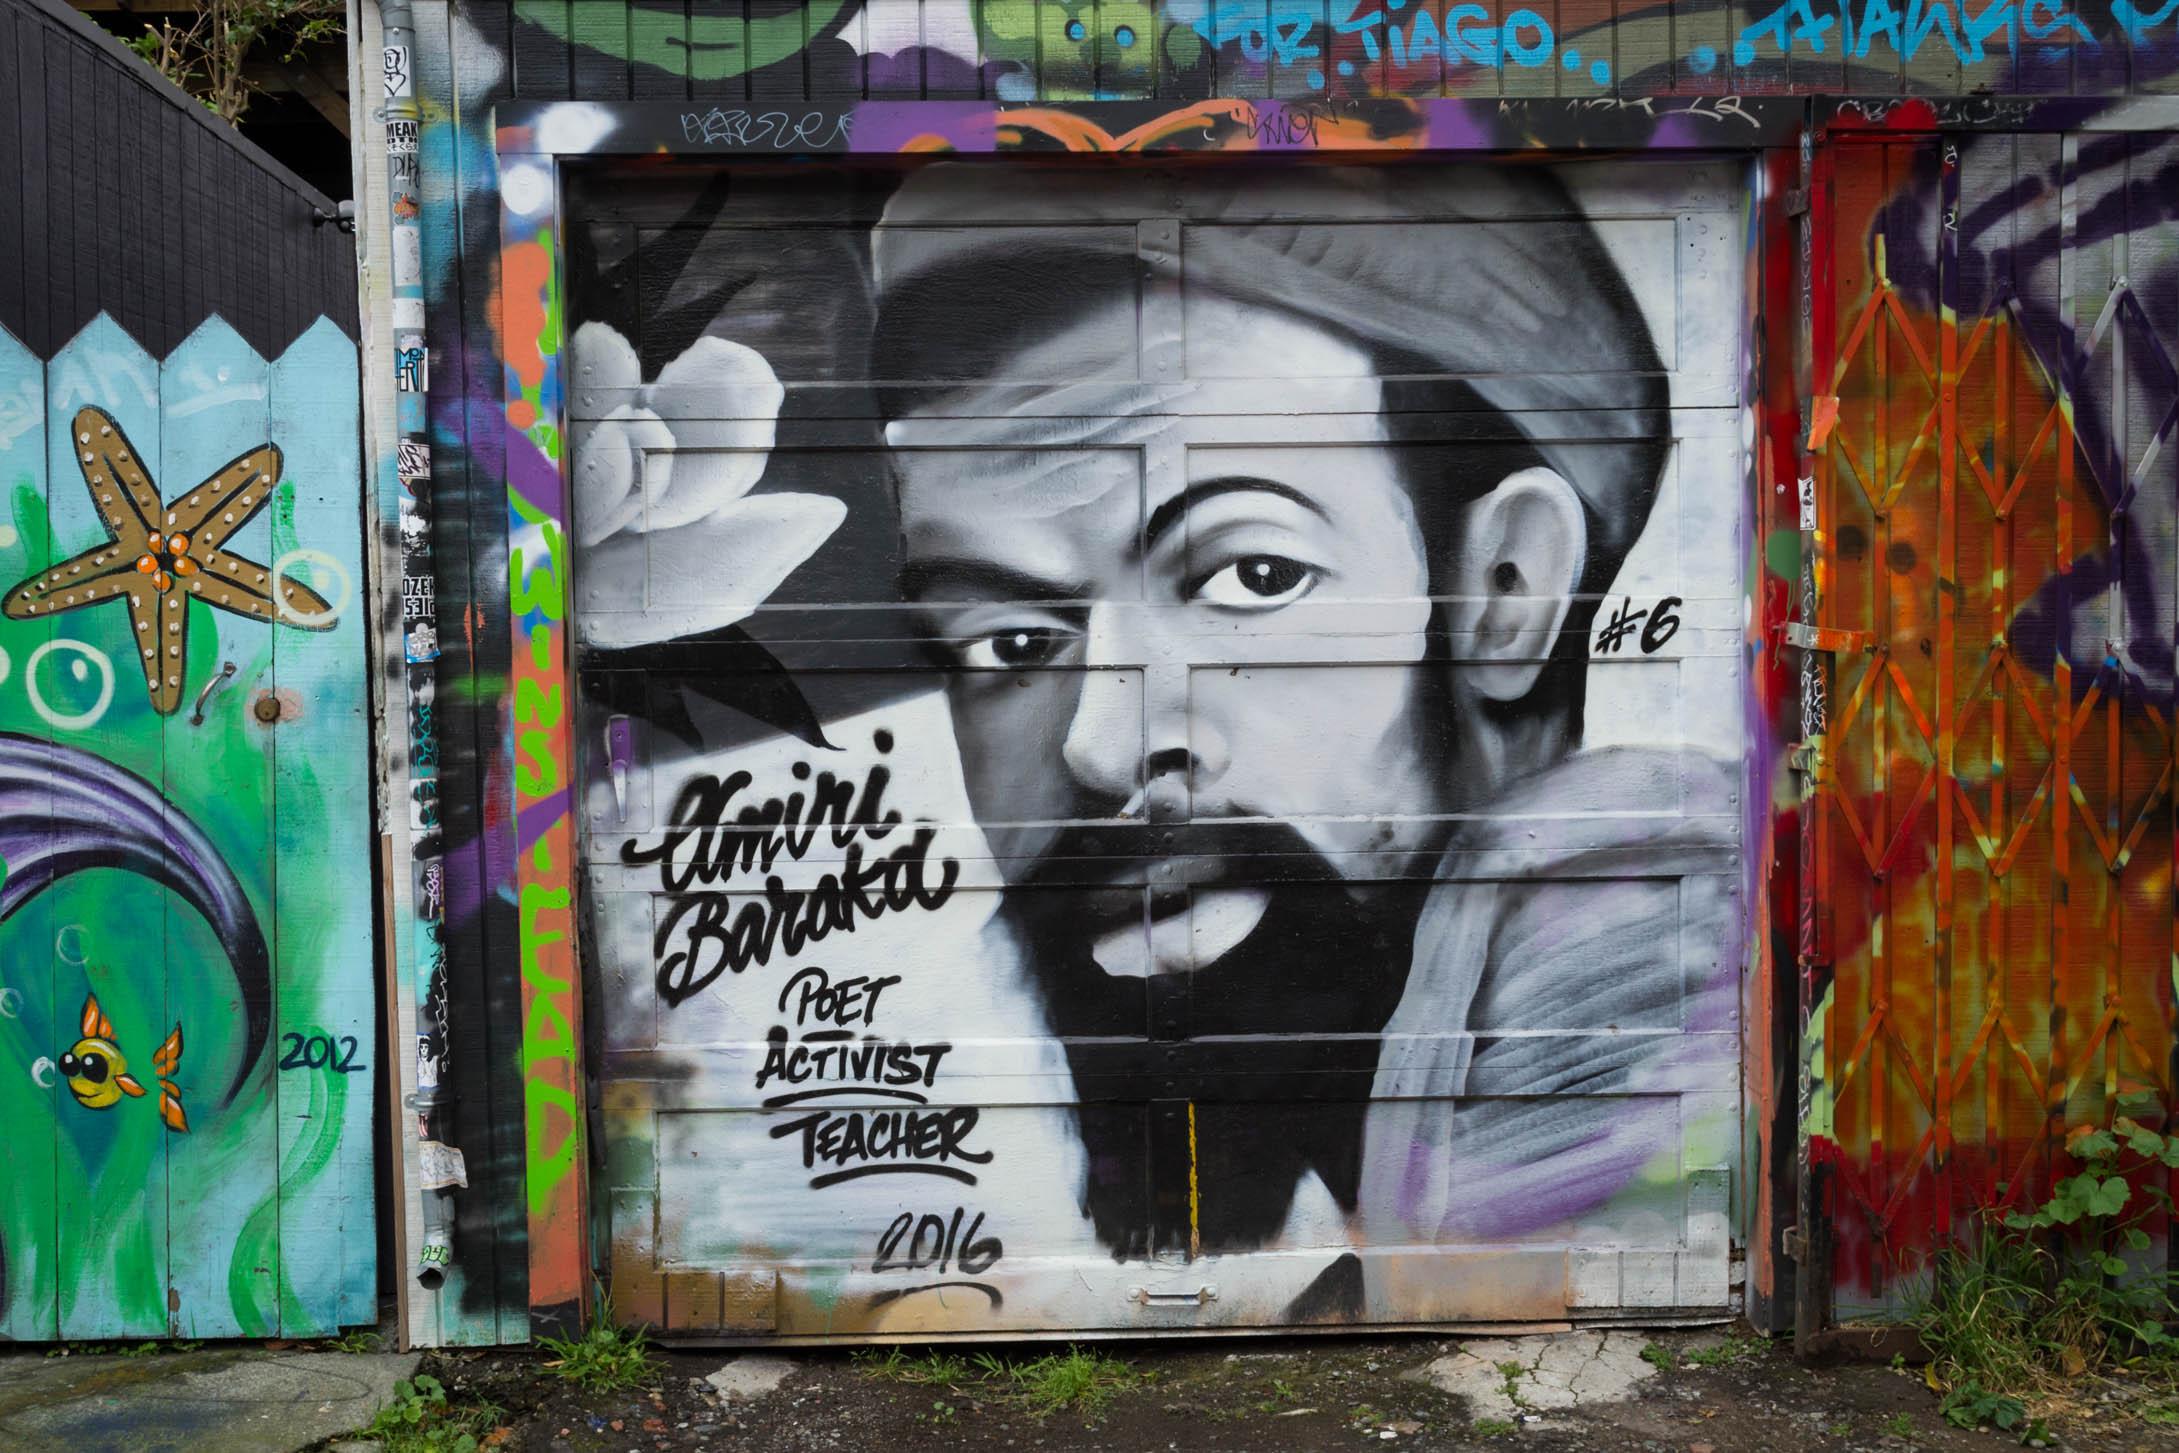 Un autre mur peint dans le quartier de Mission.